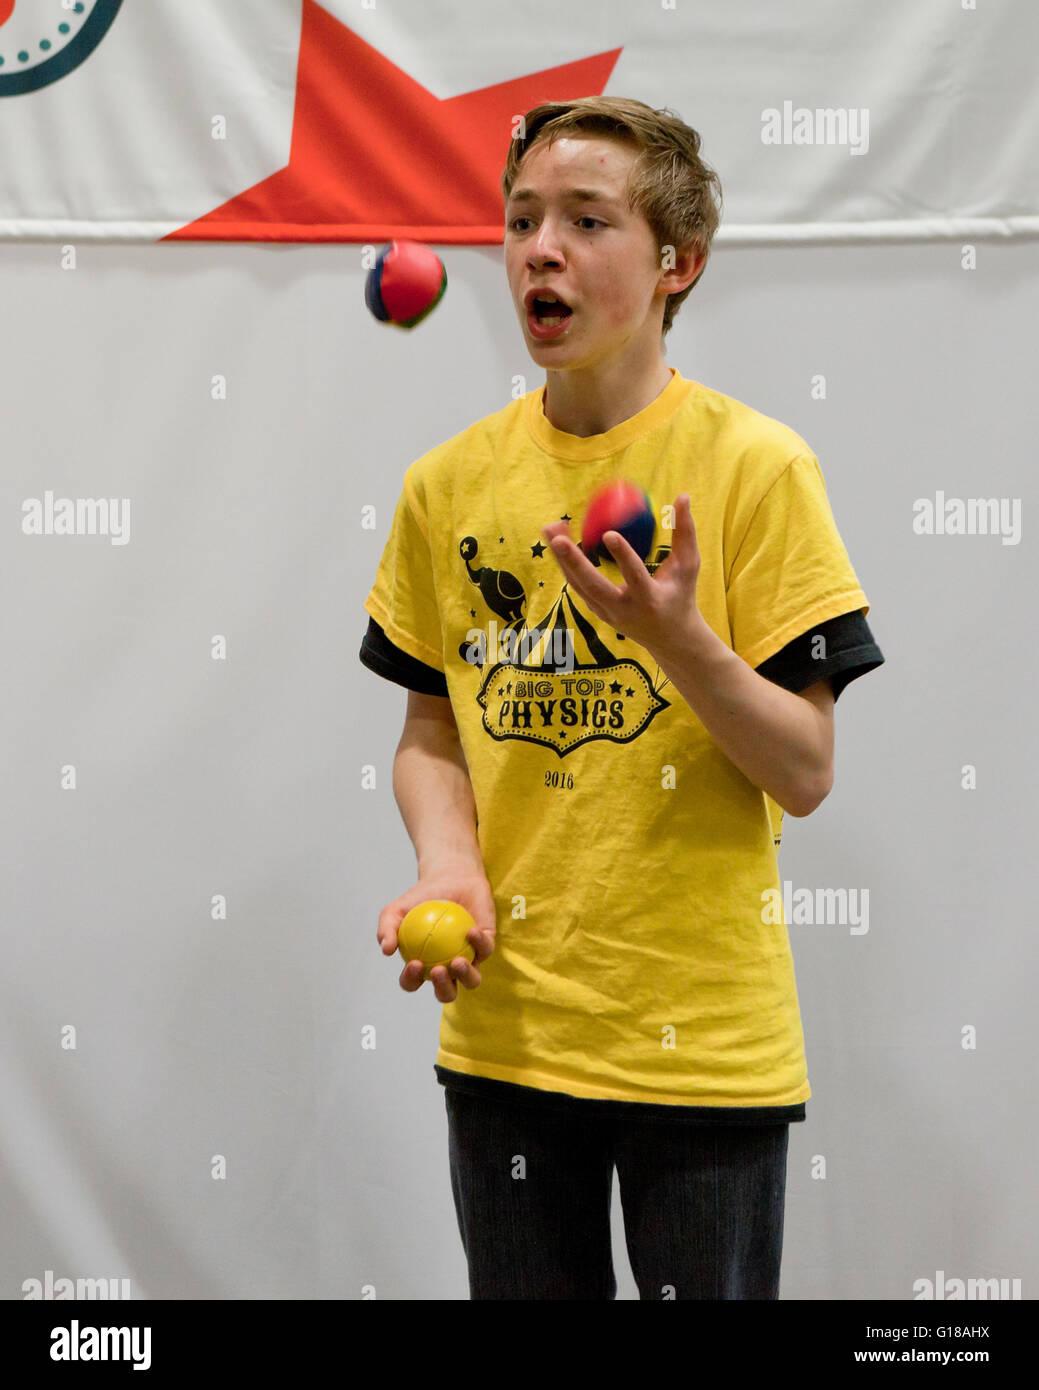 Young man juggling 3 balls - USA - Stock Image